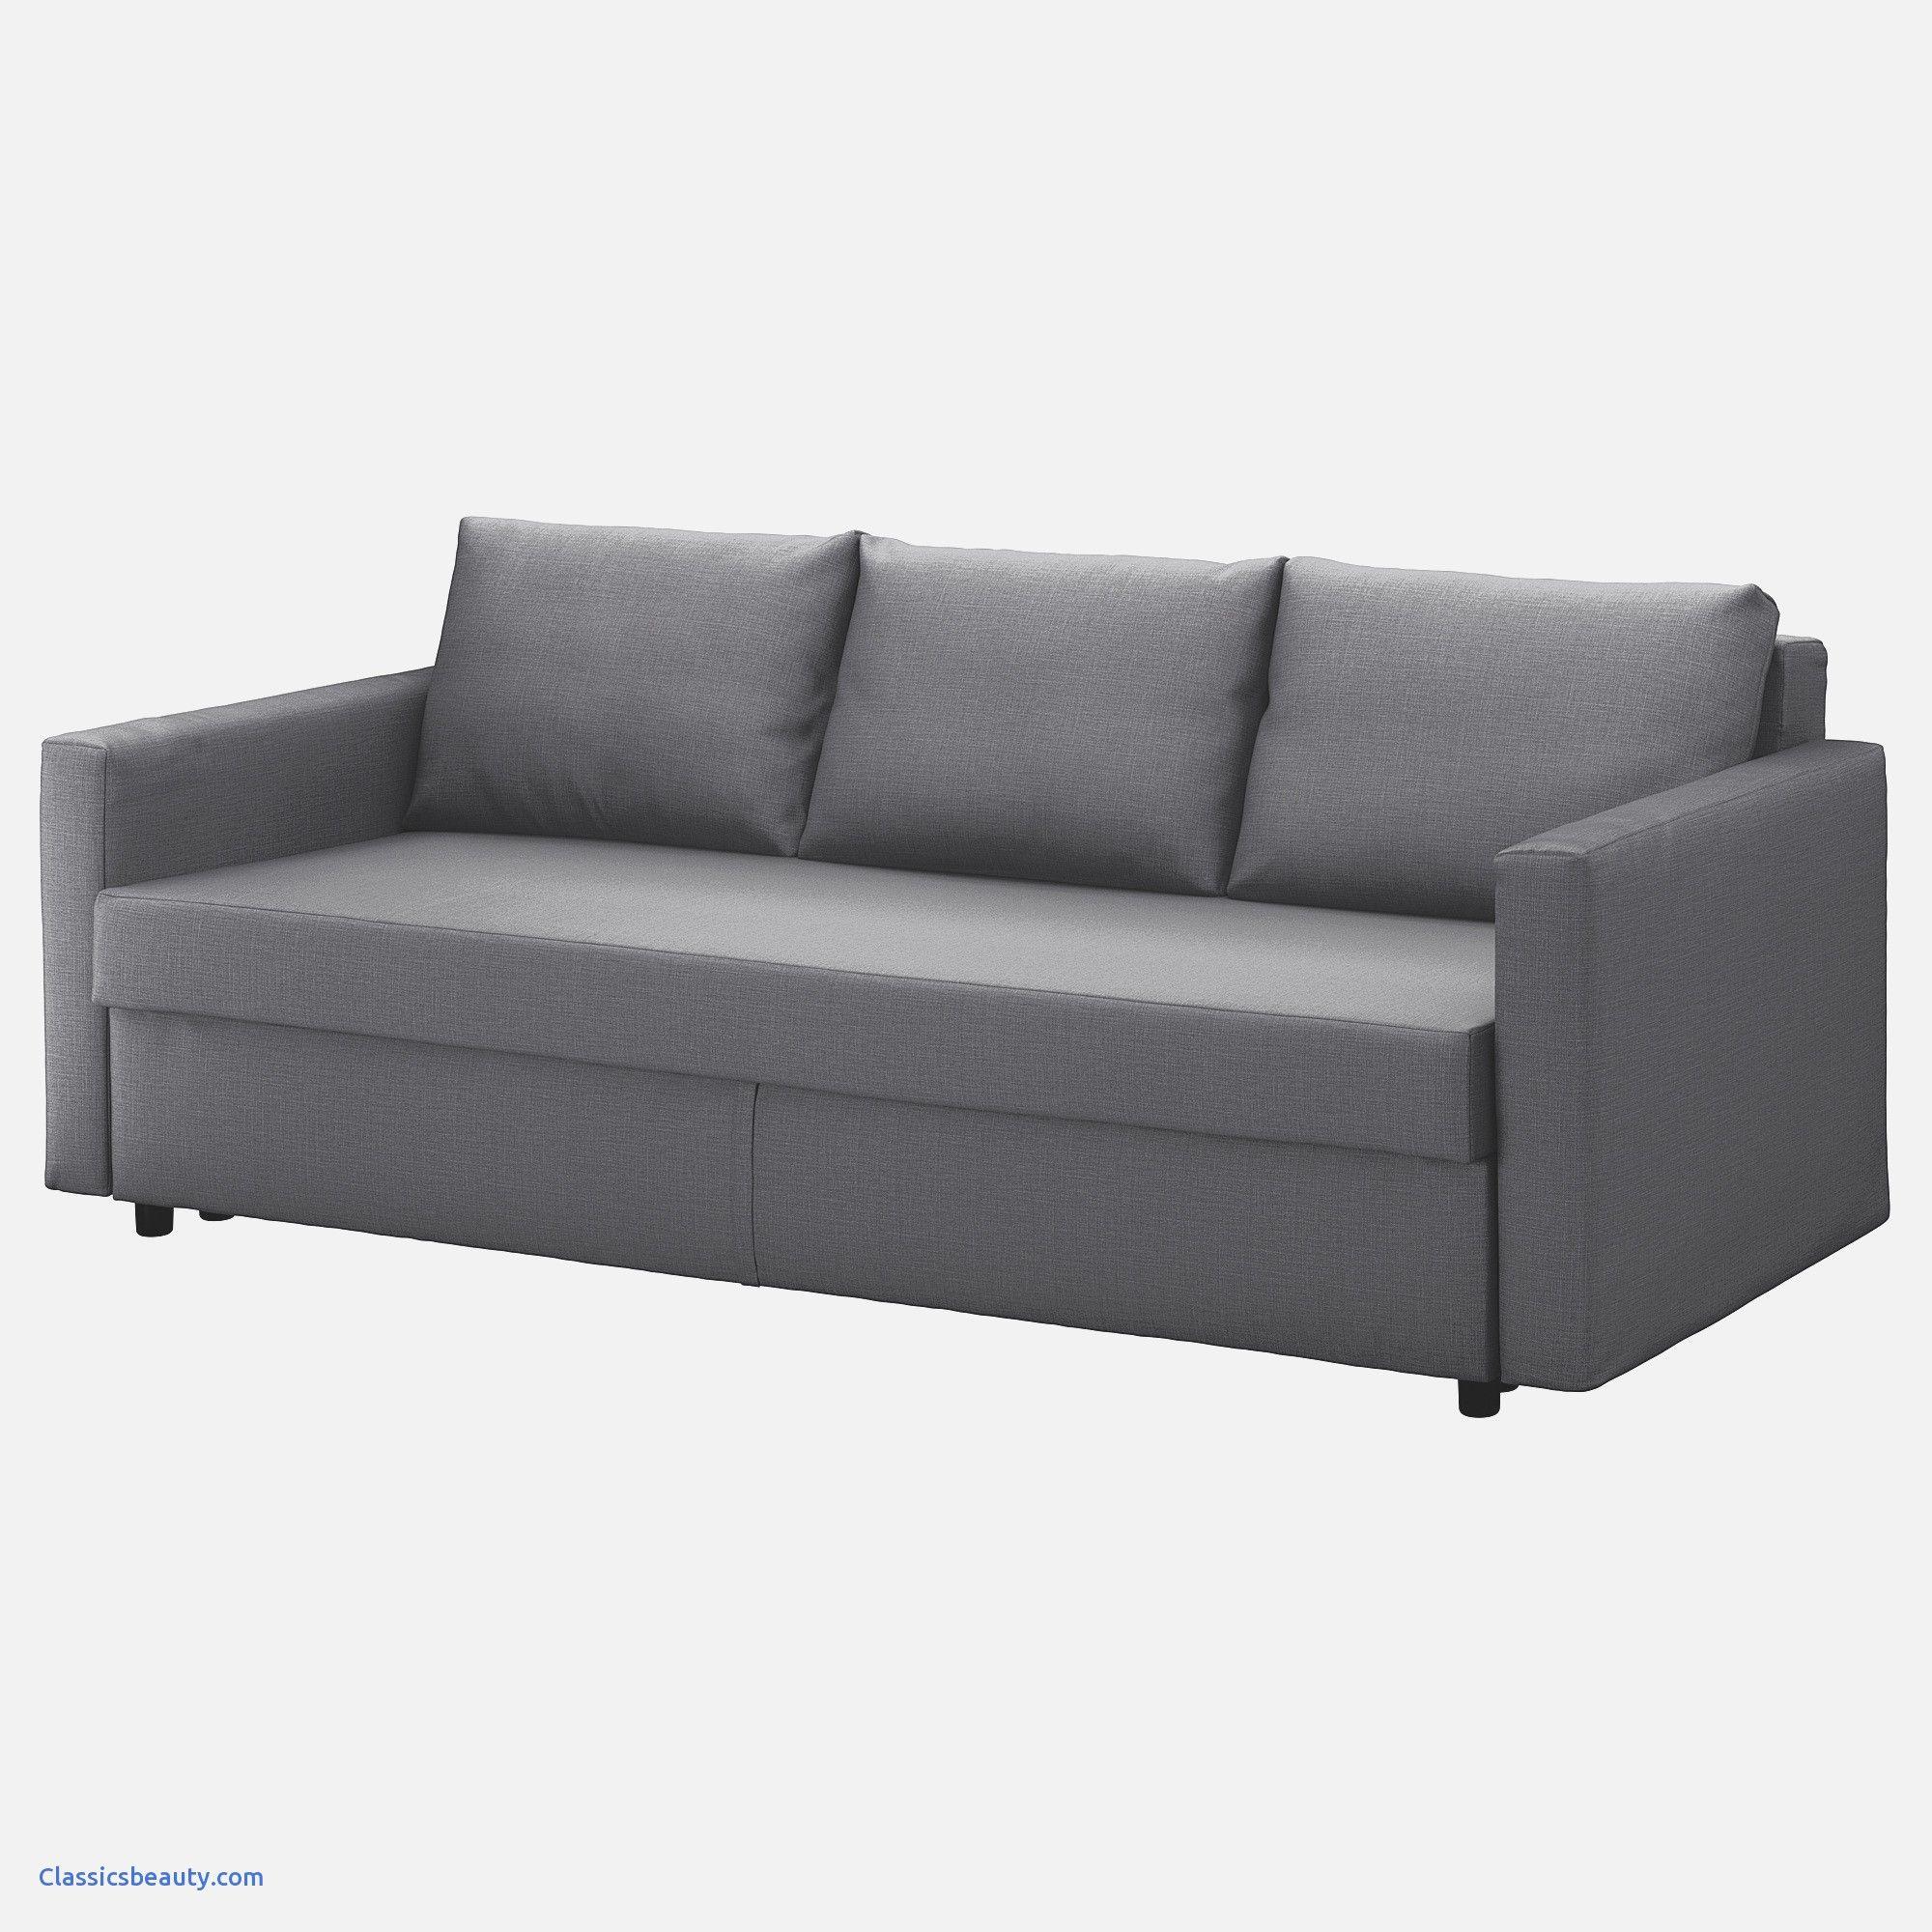 Queen Sleeper Sofa Ikea Size